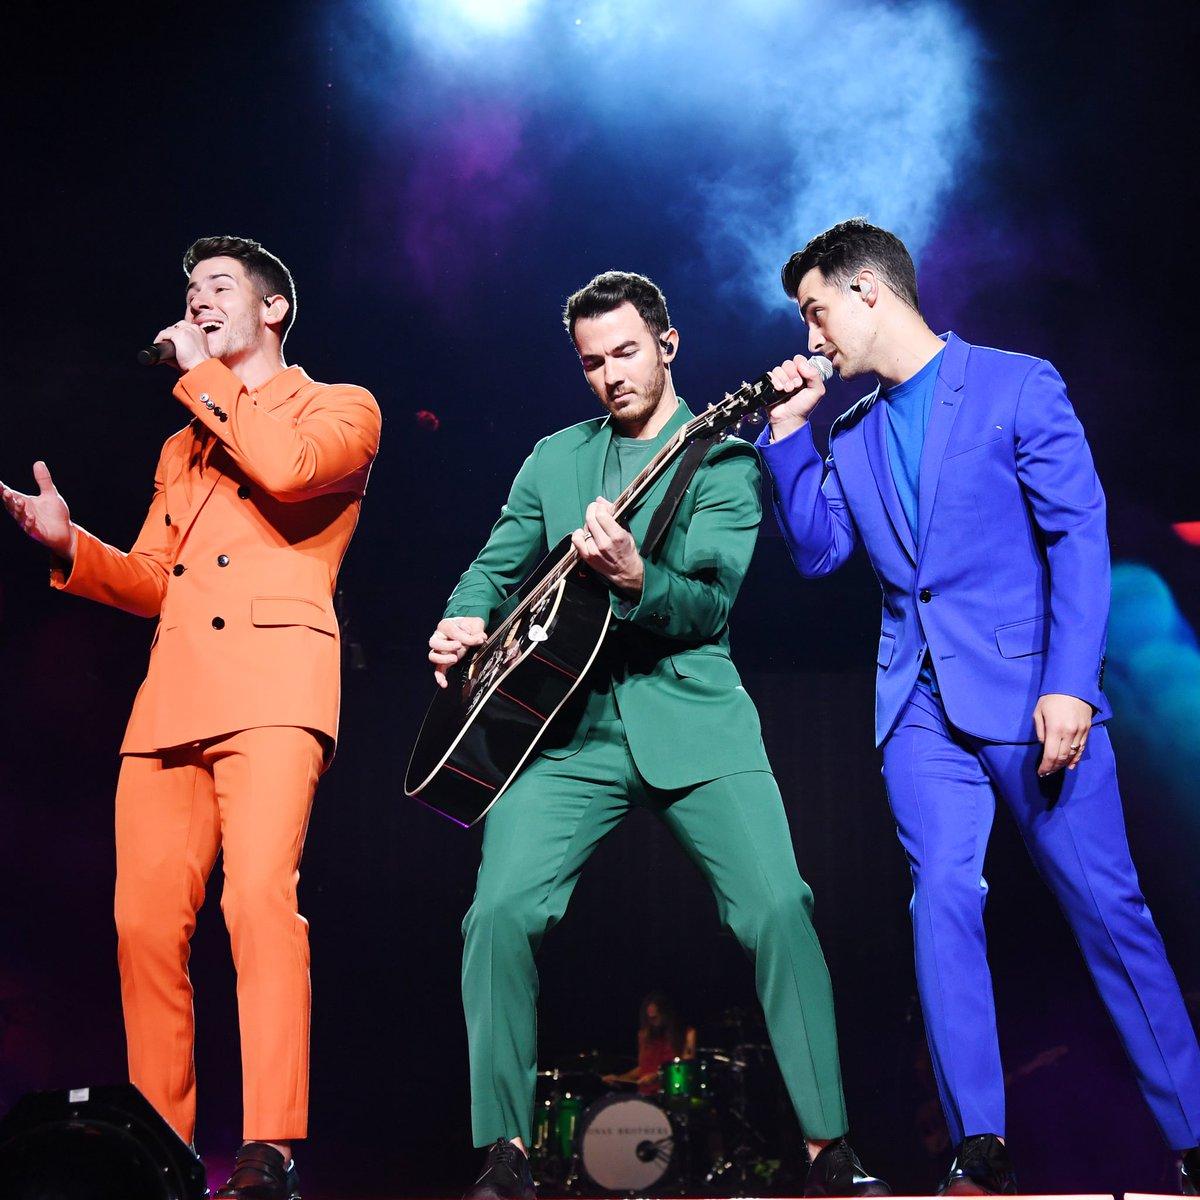 El 2020 ha sido un año complicado para todxs, pero al menos pudimos disfrutar del #happinessbeginstour en España. Así que, con este recuerdo os deseamos un feliz 2021 a todos lxs Jonas fans!! 🎉💜